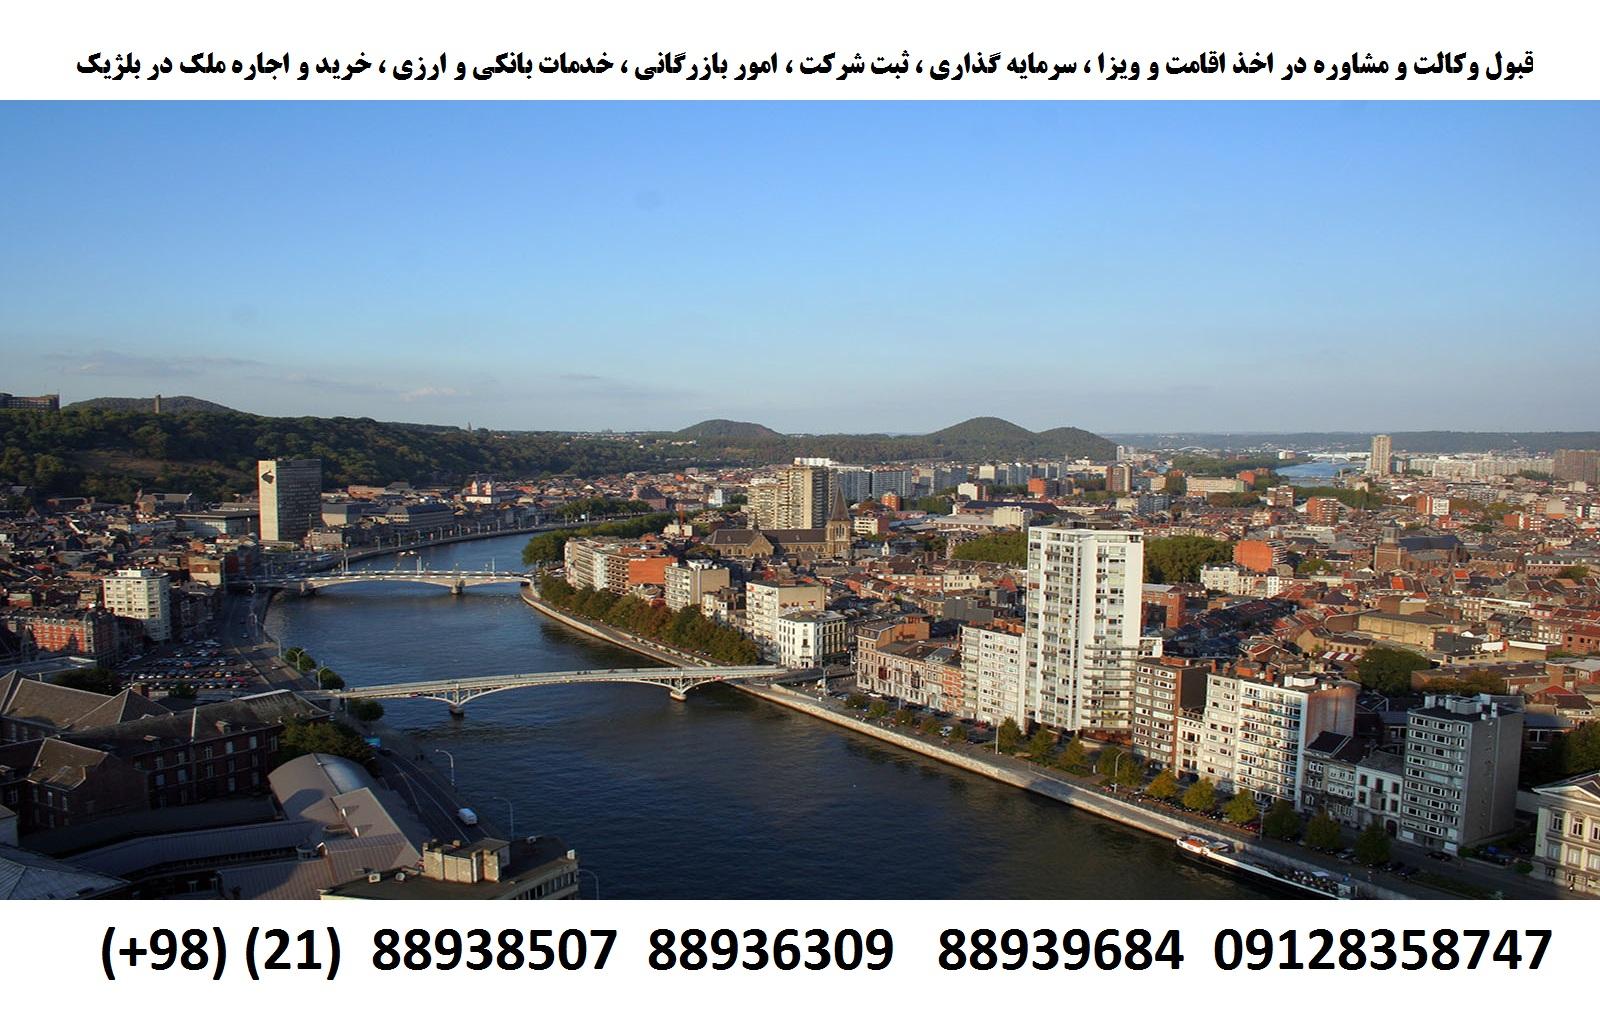 اقامت ، ویزا ، ثبت شرکت ، سرمایه گذاری در بلژیک (4)